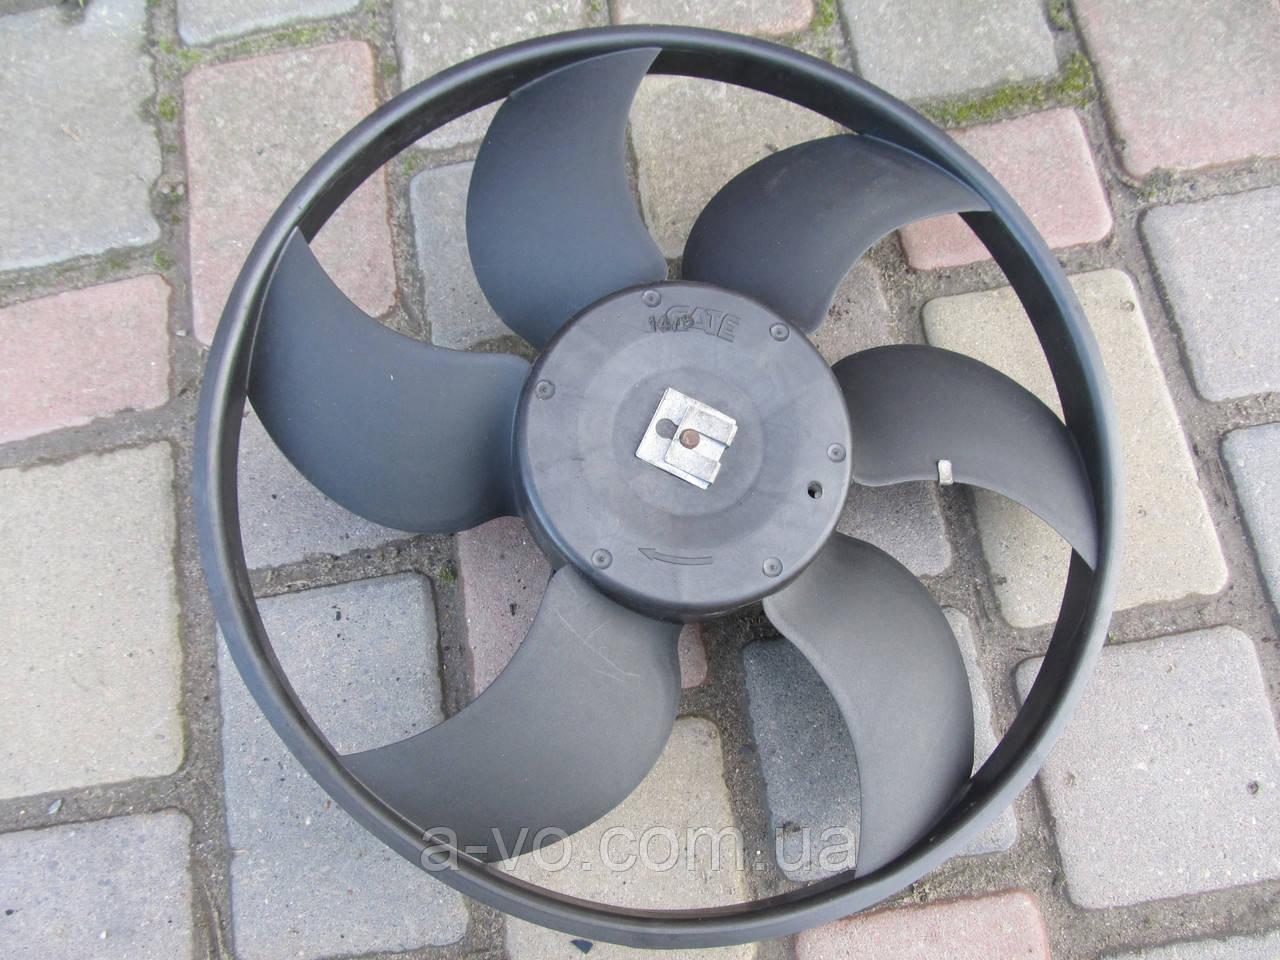 Вентилятор основного радиатора для Renault Kangoo 1 Clio 2, 3F081504, 500.0039, 5000039